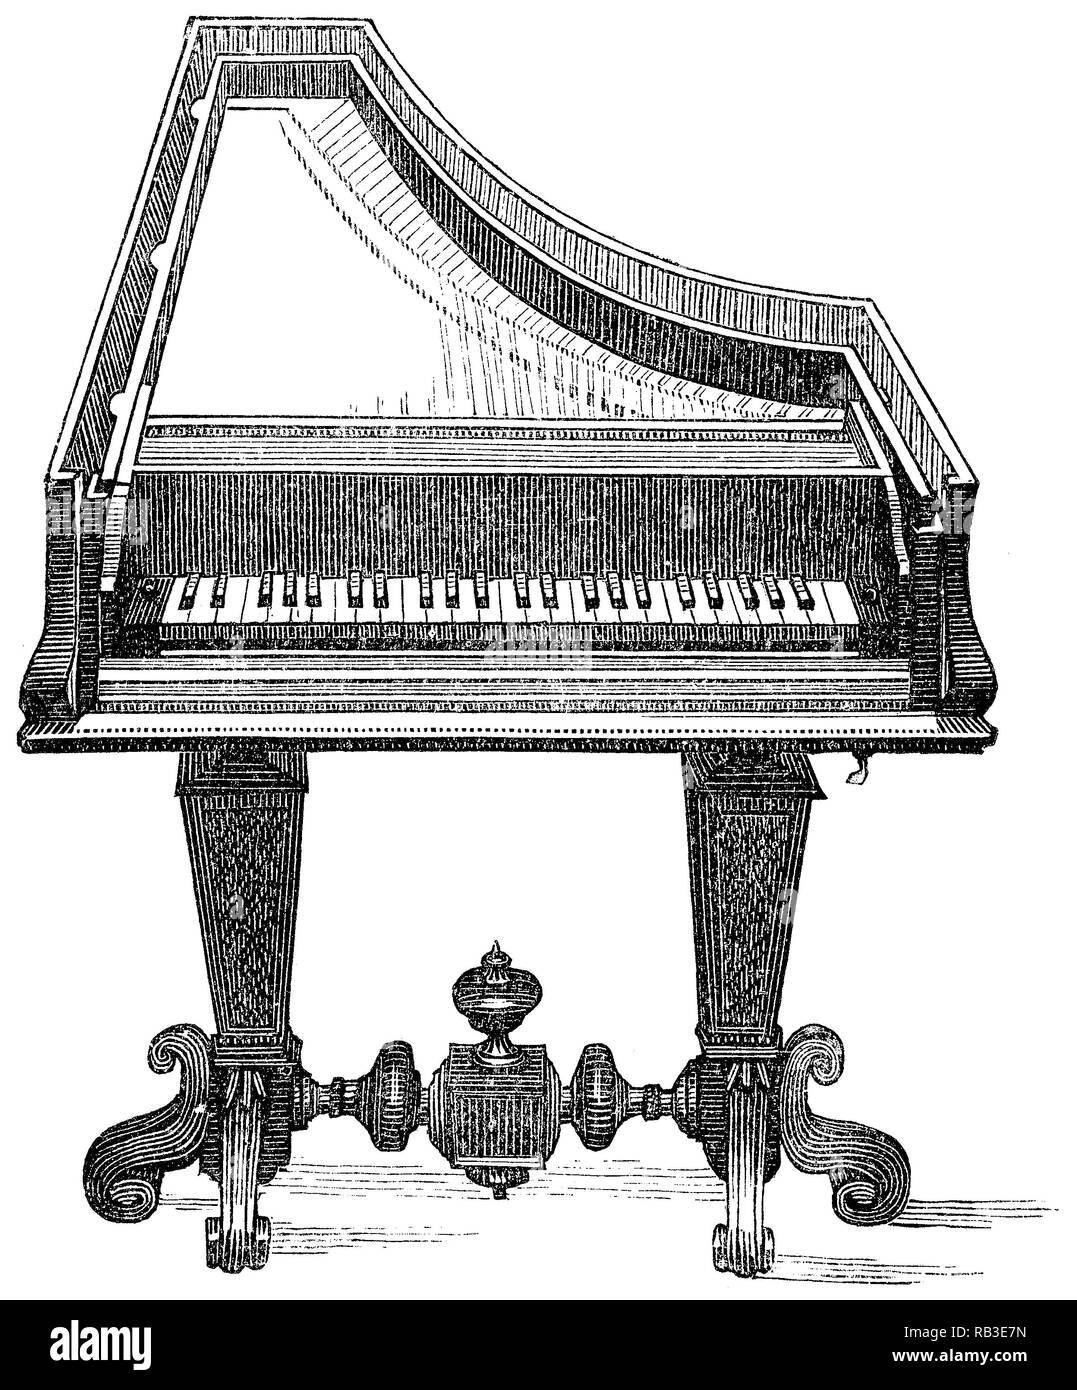 1884 l'incisione di un inizio di pianoforte dal suo inventore, Bartolomeo Cristofori di Francesco. Immagini Stock